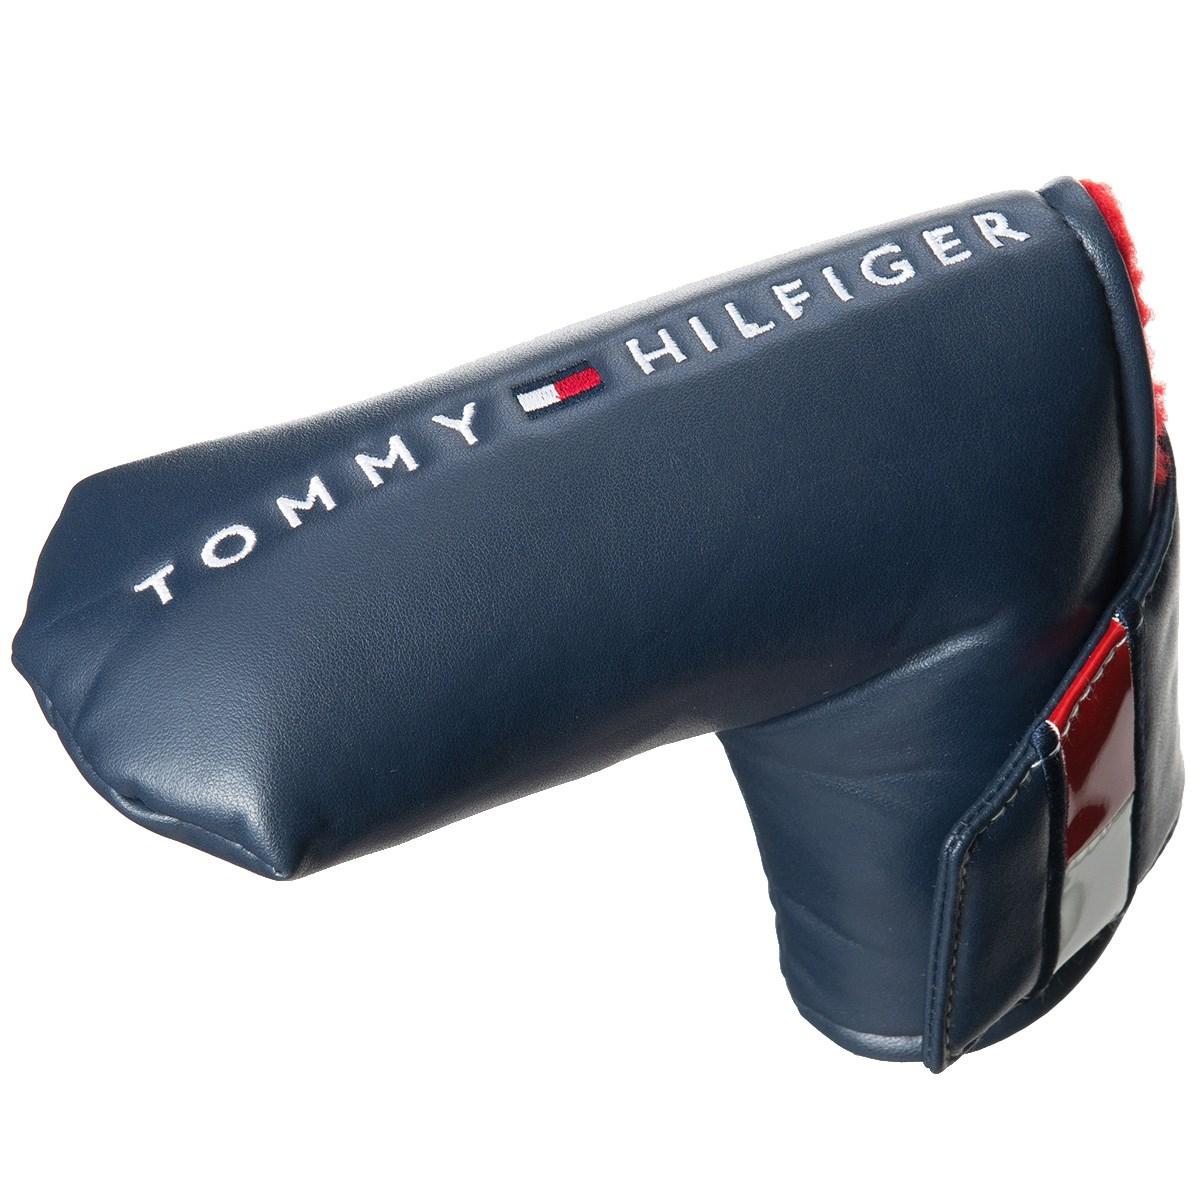 トミーヒルフィガー(Tommy Hilfiger) BASIC パターカバー